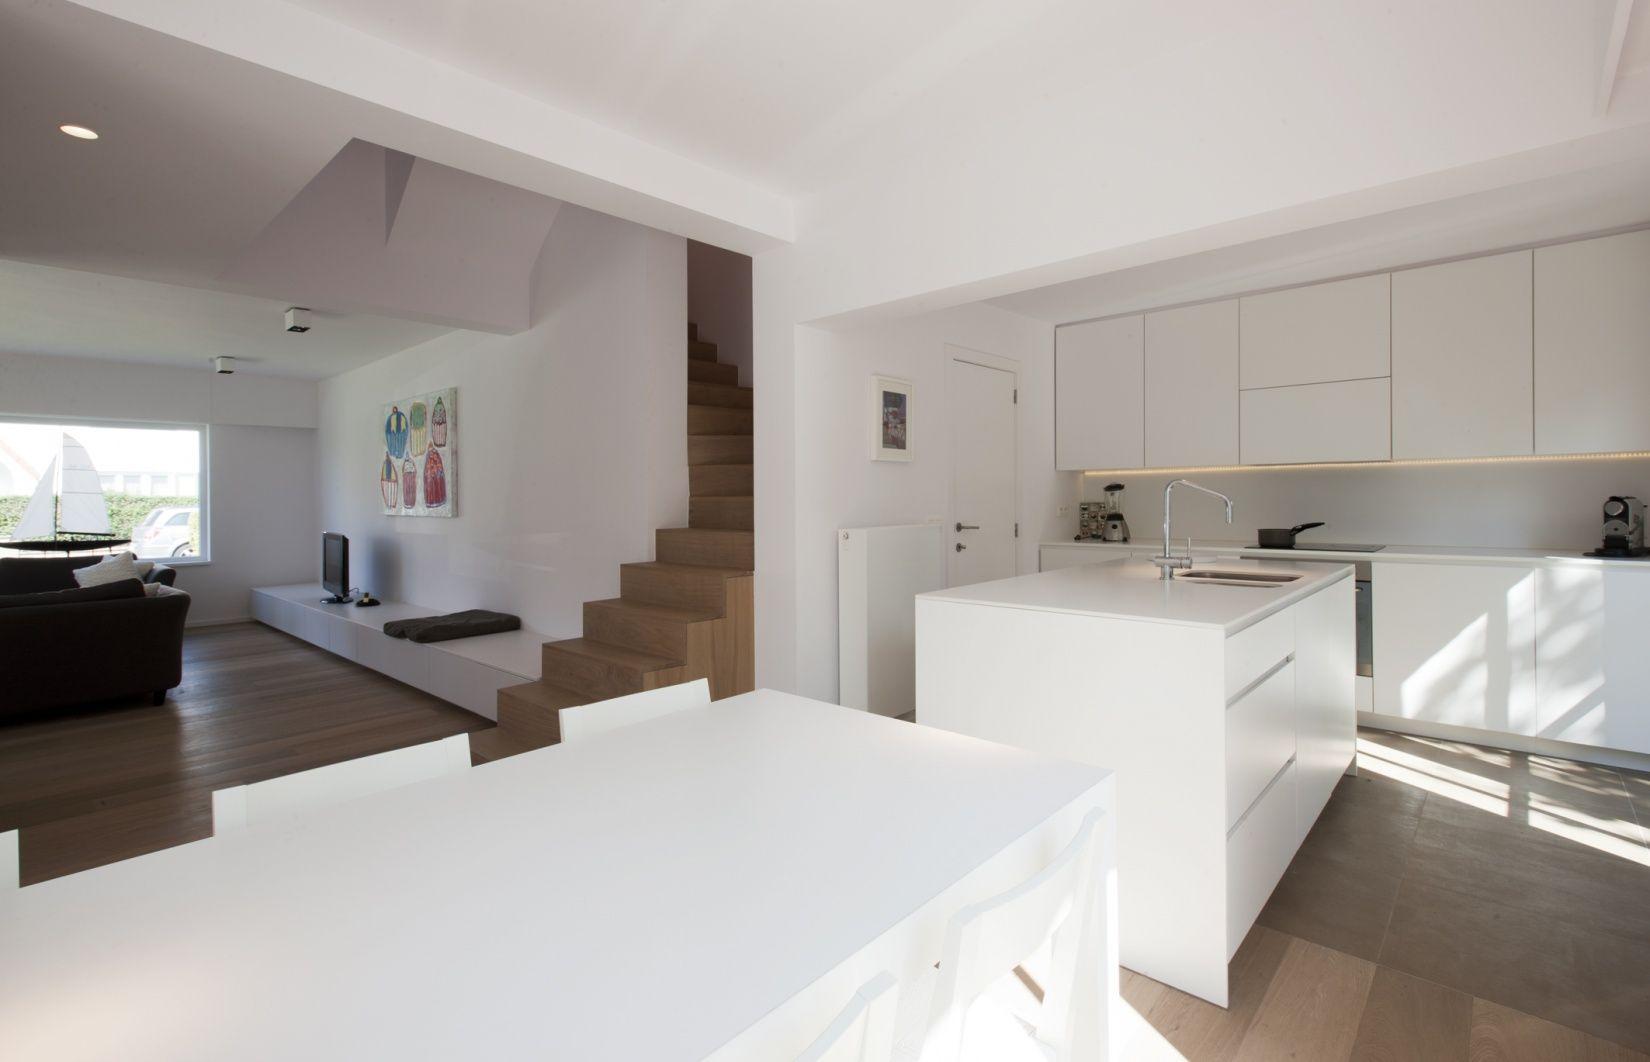 totale renovatie en inrichting op maat van uw woning